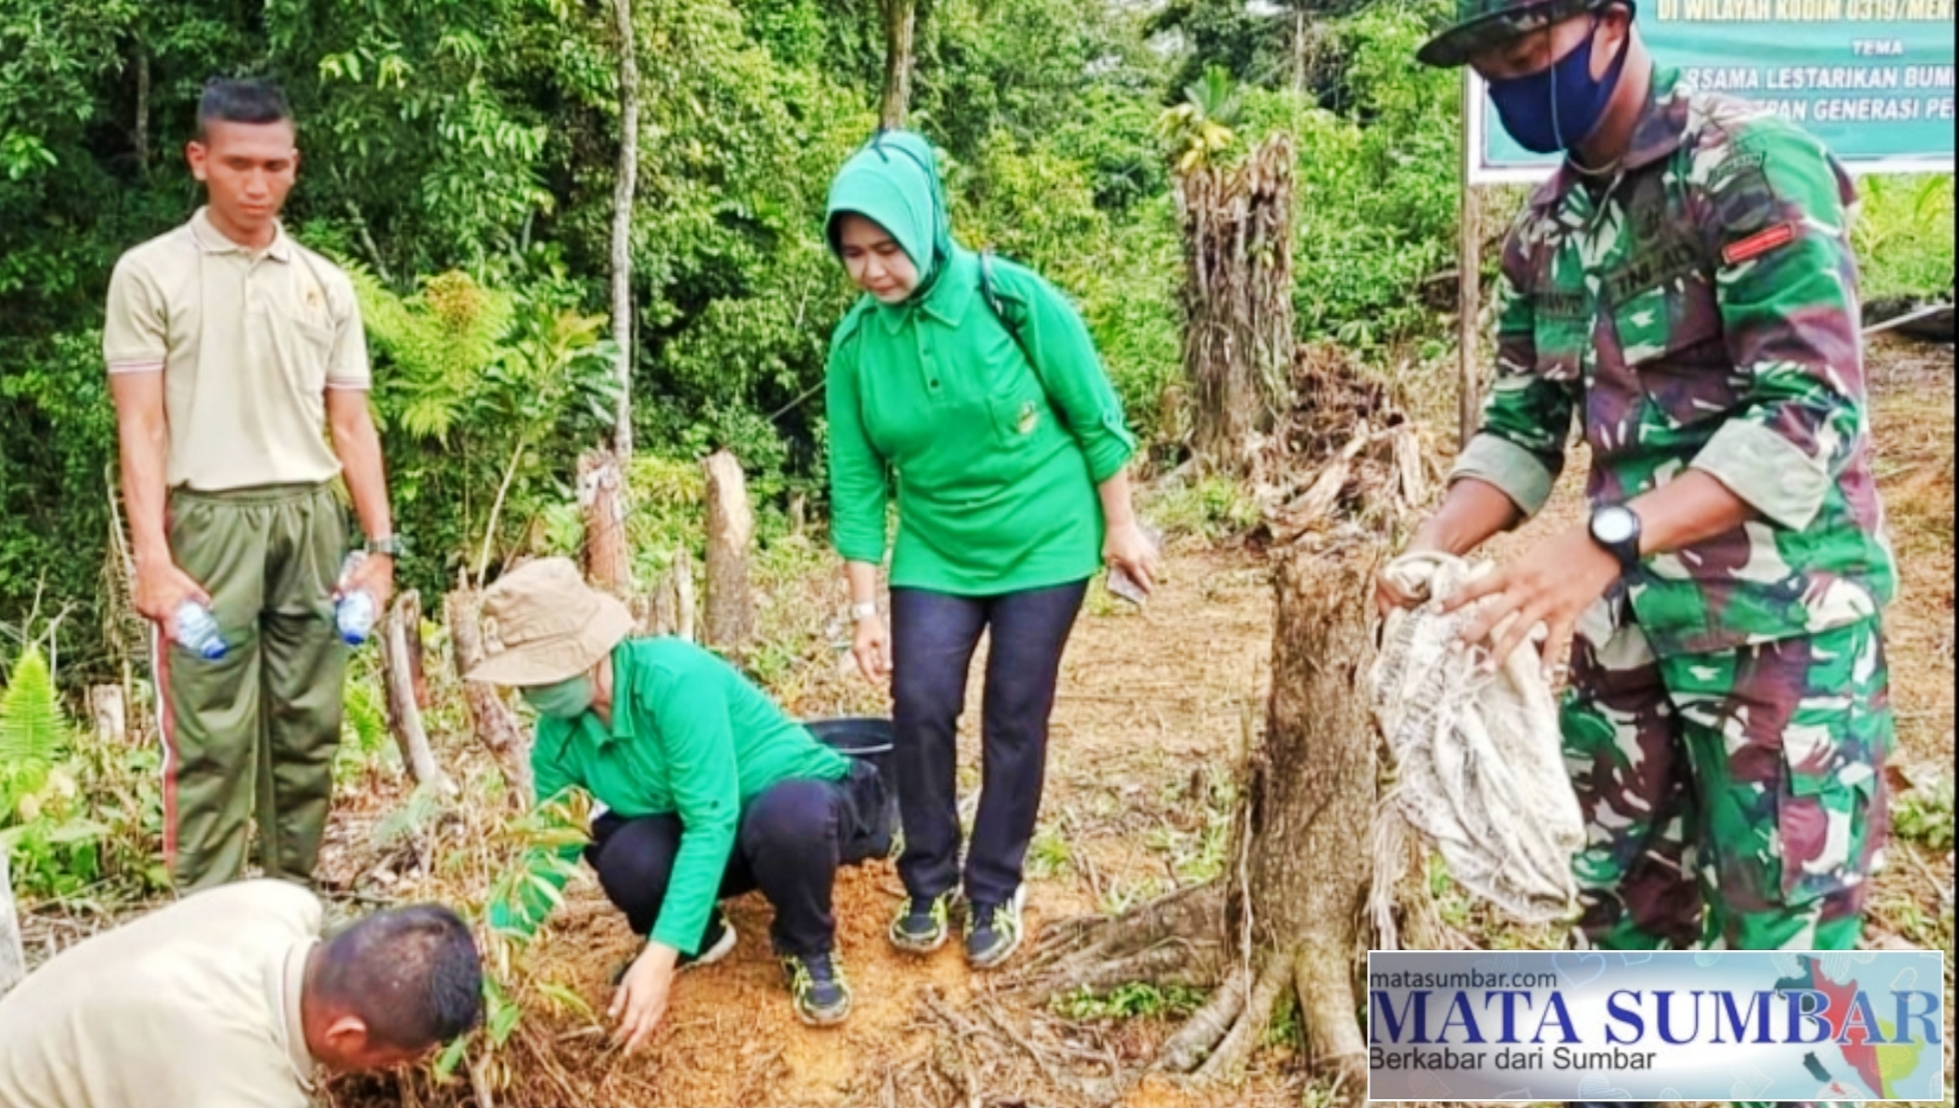 Tingkatkan Pembinaan LH, Kodim 0319/Mentawai Bersama Pemkab Tanam Pohon